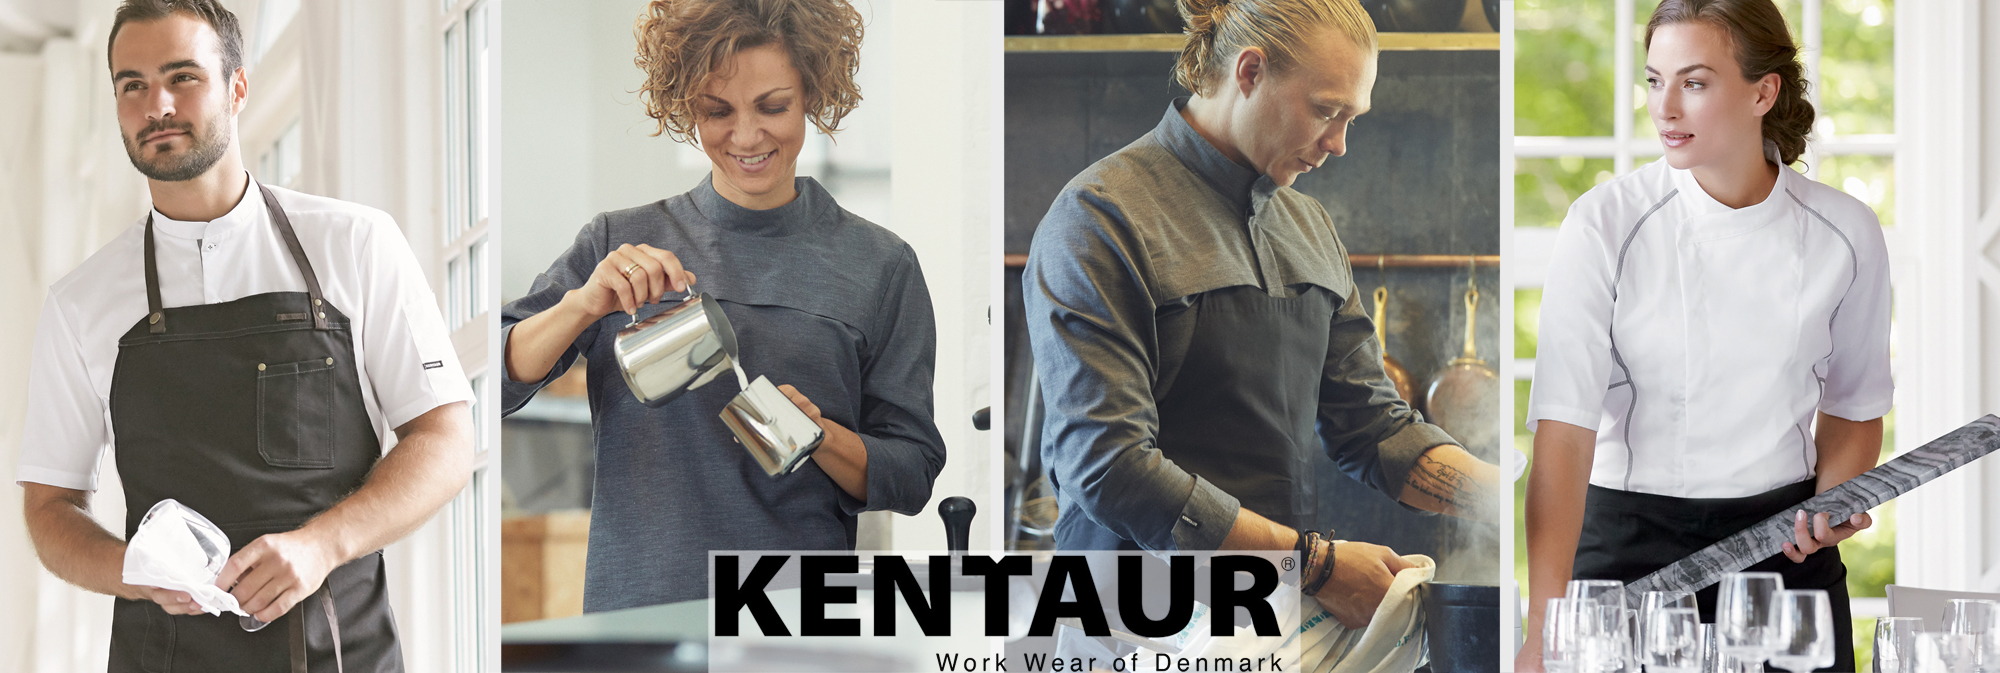 Kentaur / Chefstyle